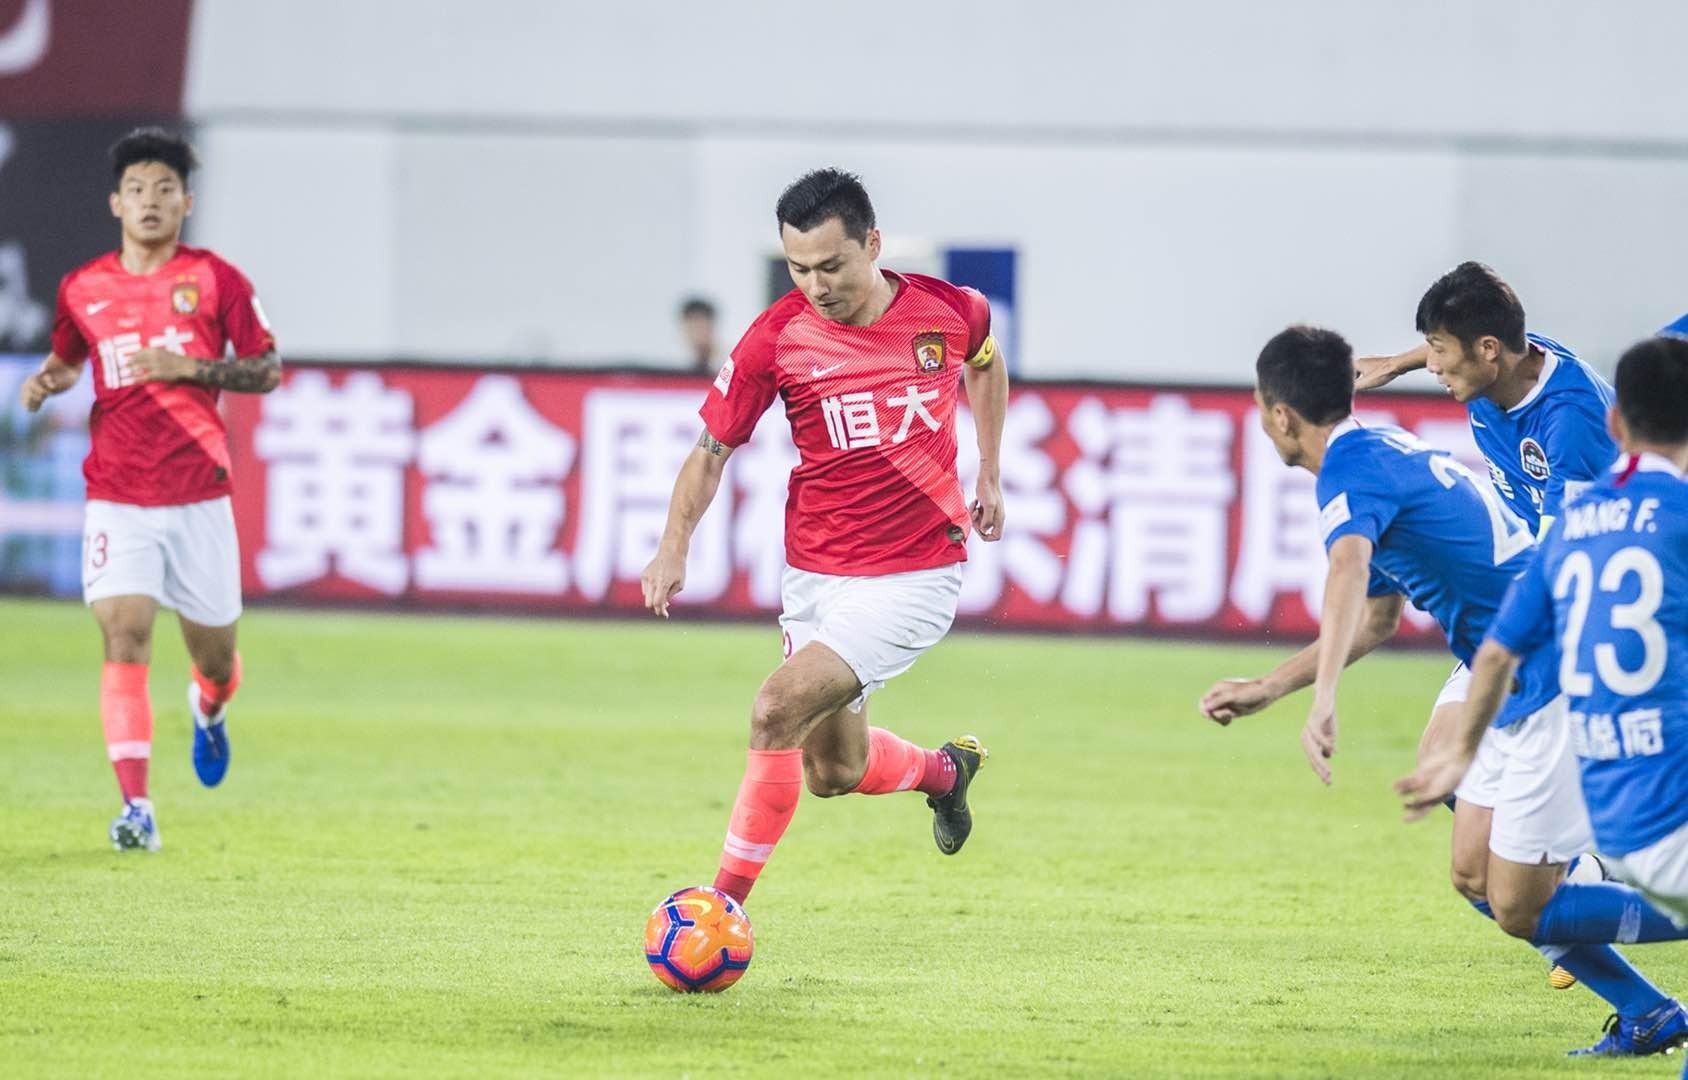 卡纳瓦罗说出自己的真正担忧:中国好的中场球员太缺了!